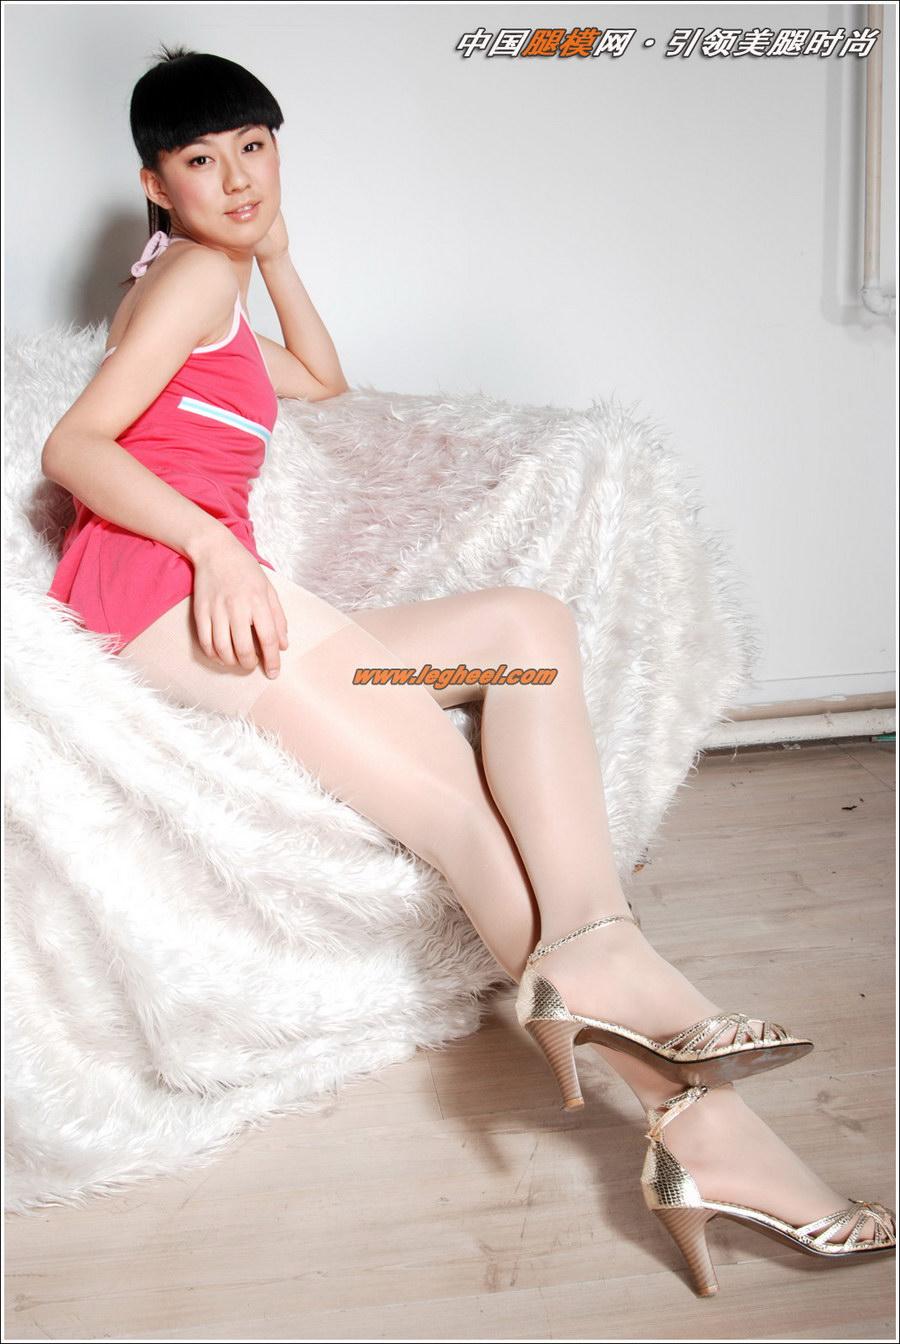 粉色短裙的白丝搔货_ZIYAN 粉红吊带搭配超白亮丝_丝袜美腿-美腿集-Beautyleg|丽柜ligui|中 ...